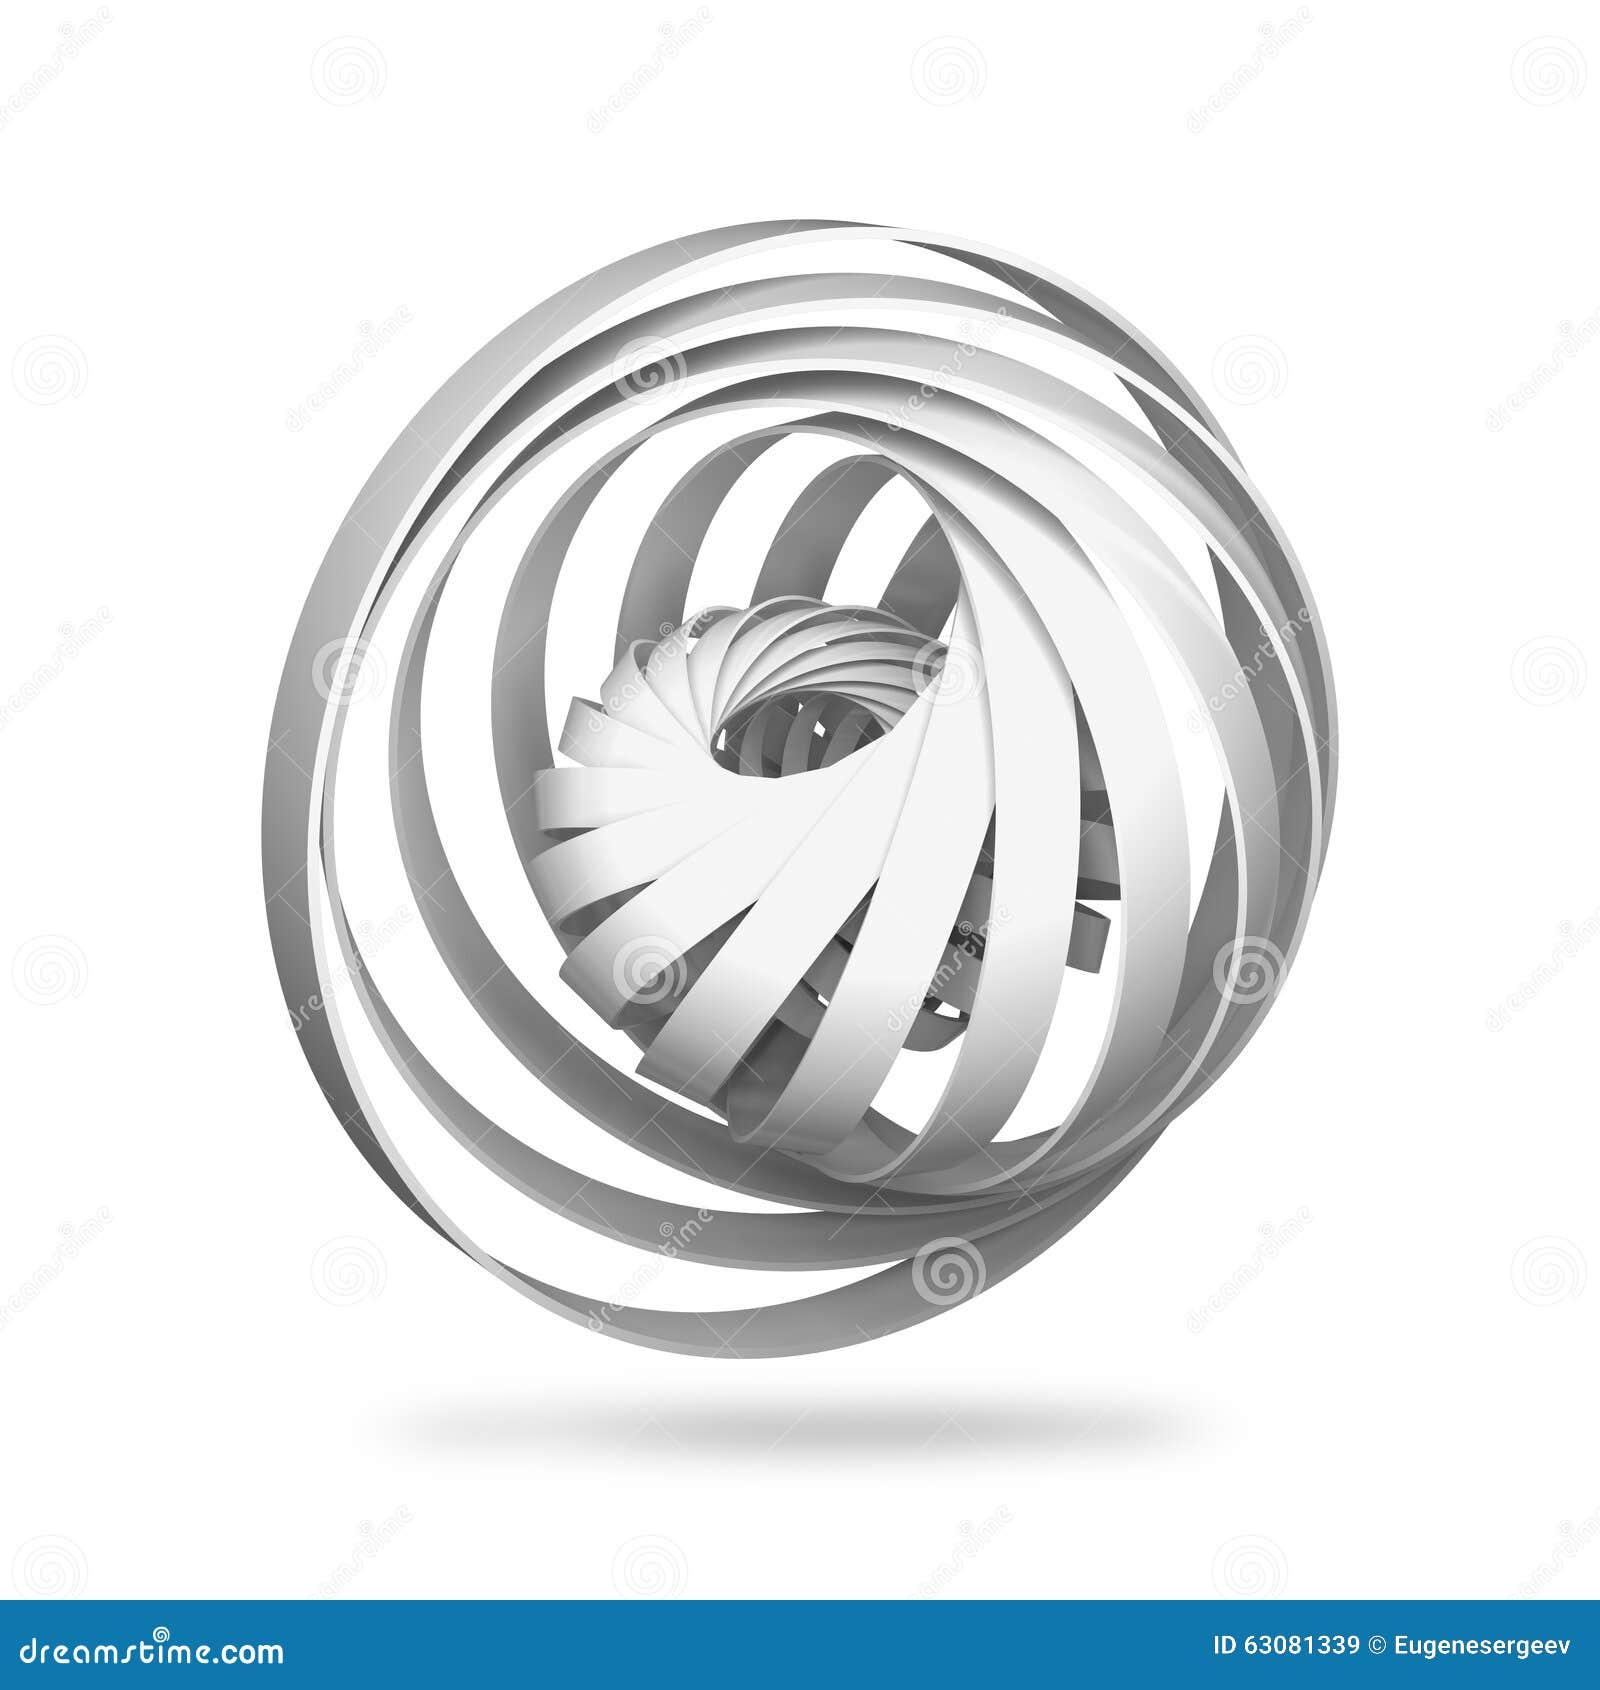 Download Objet Numérique Abstrait, Structures Rondes De La Spirale 3d Illustration Stock - Illustration du futuriste, conceptuel: 63081339